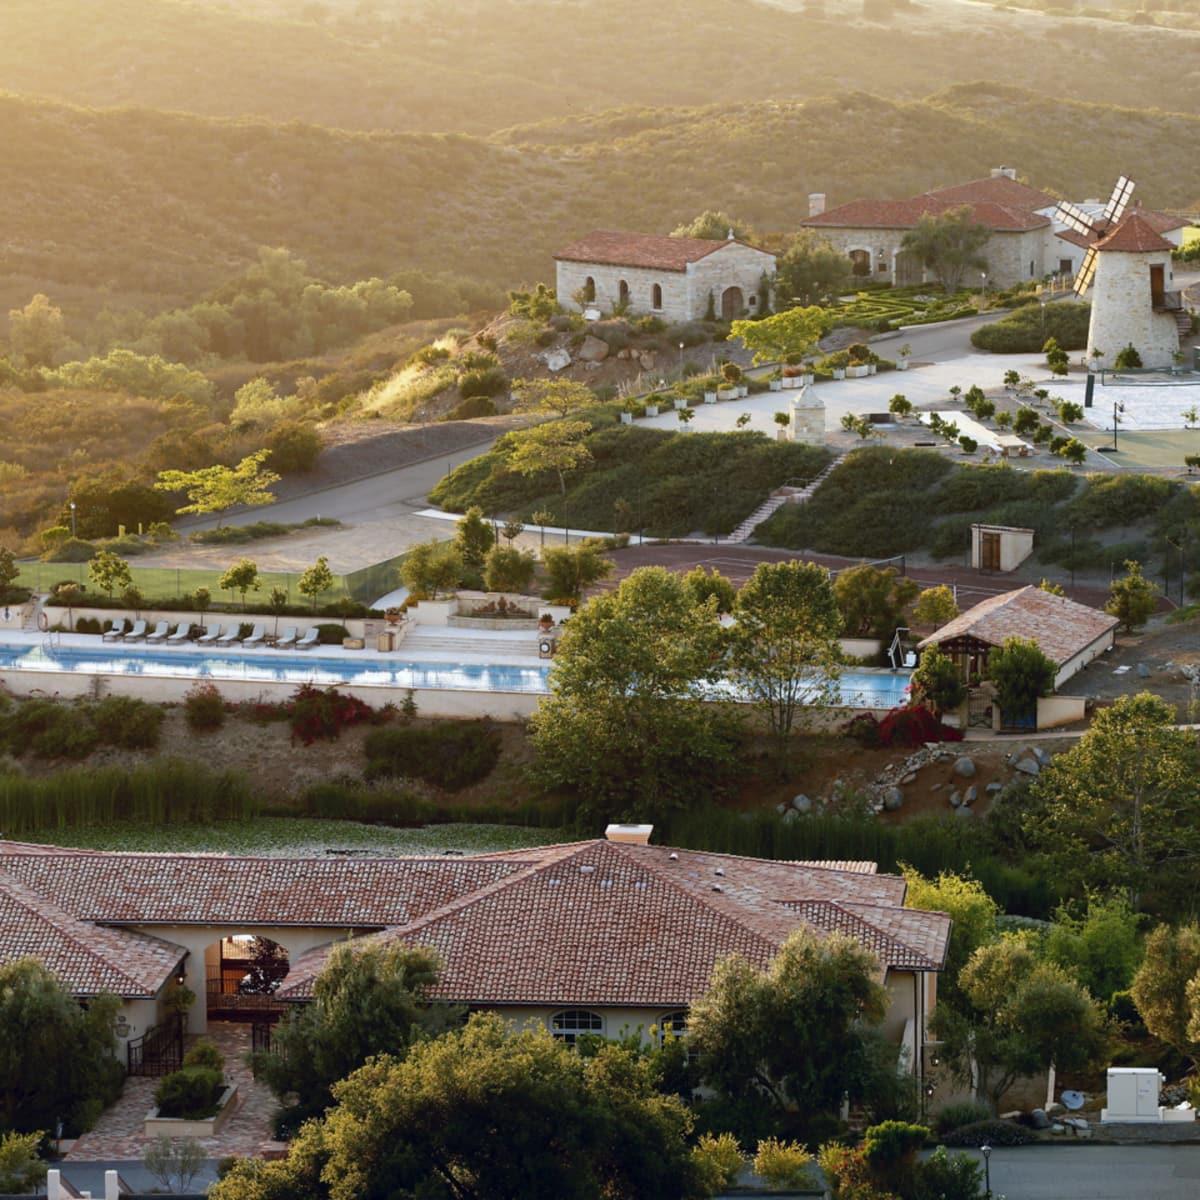 Cal-A-Vie Spa aerial